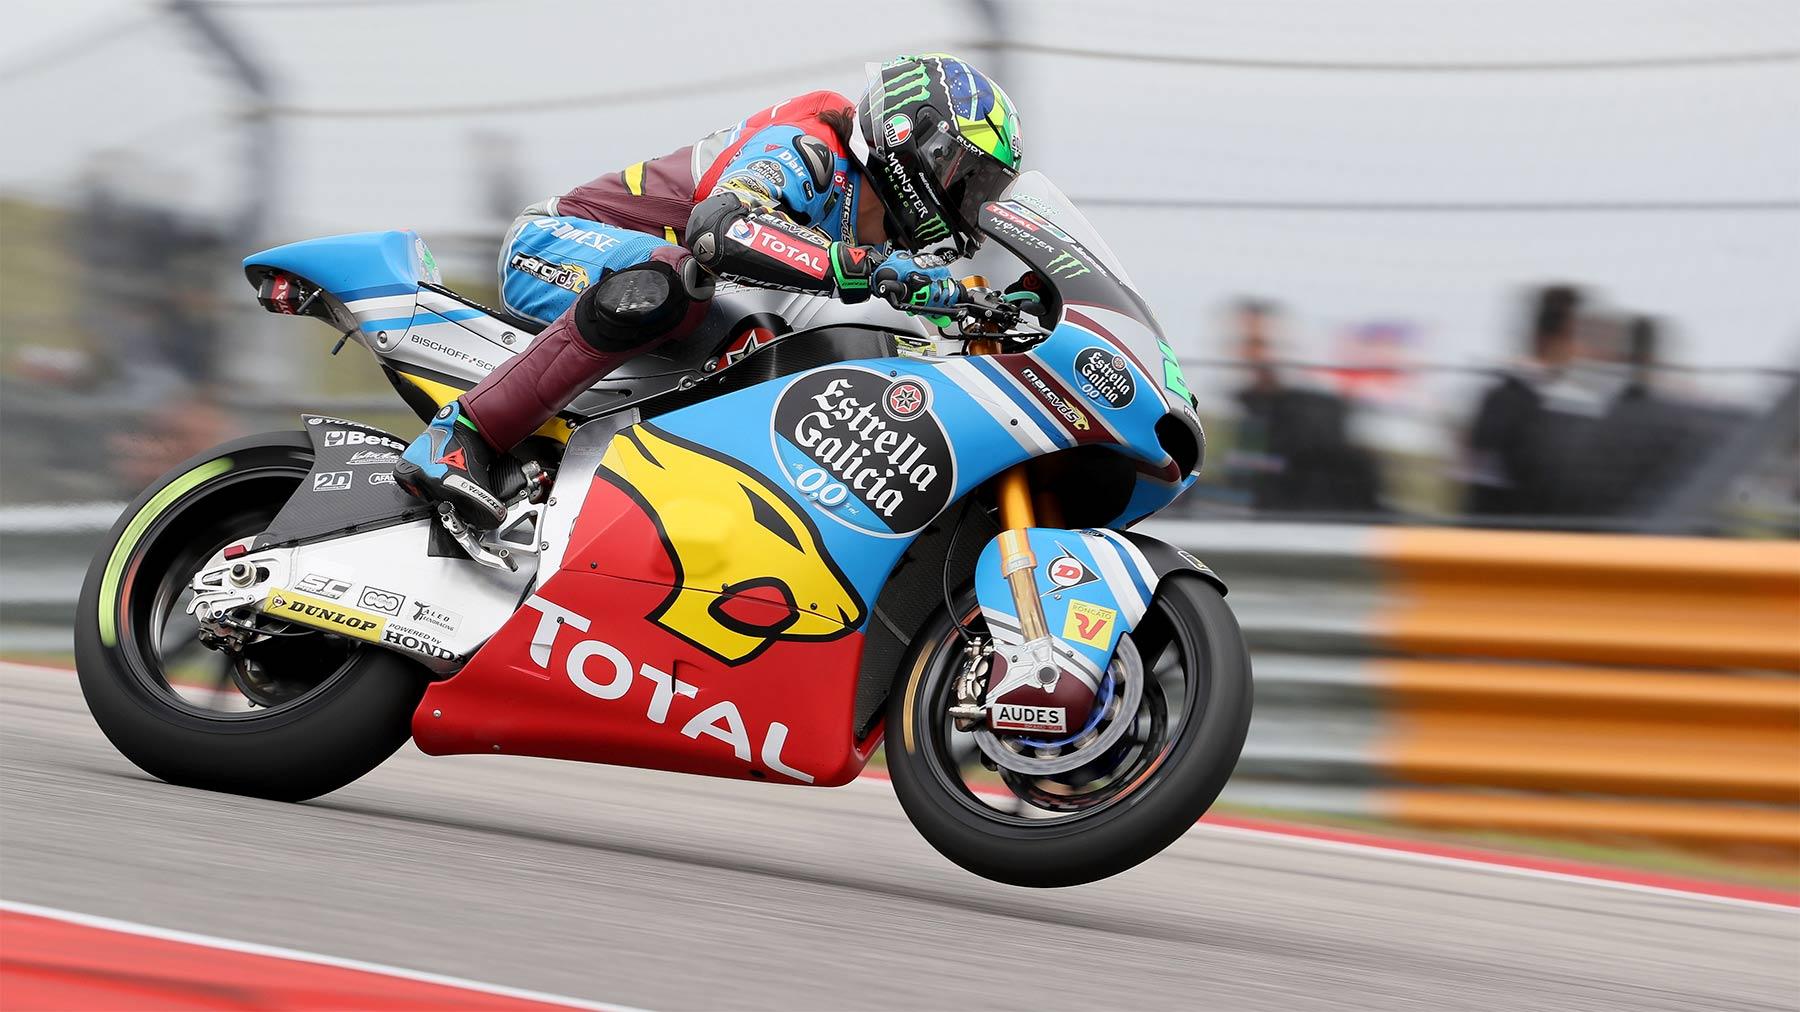 Franco Morbidelli manda y doma Moto2 en Austin: pole, récord y victoria